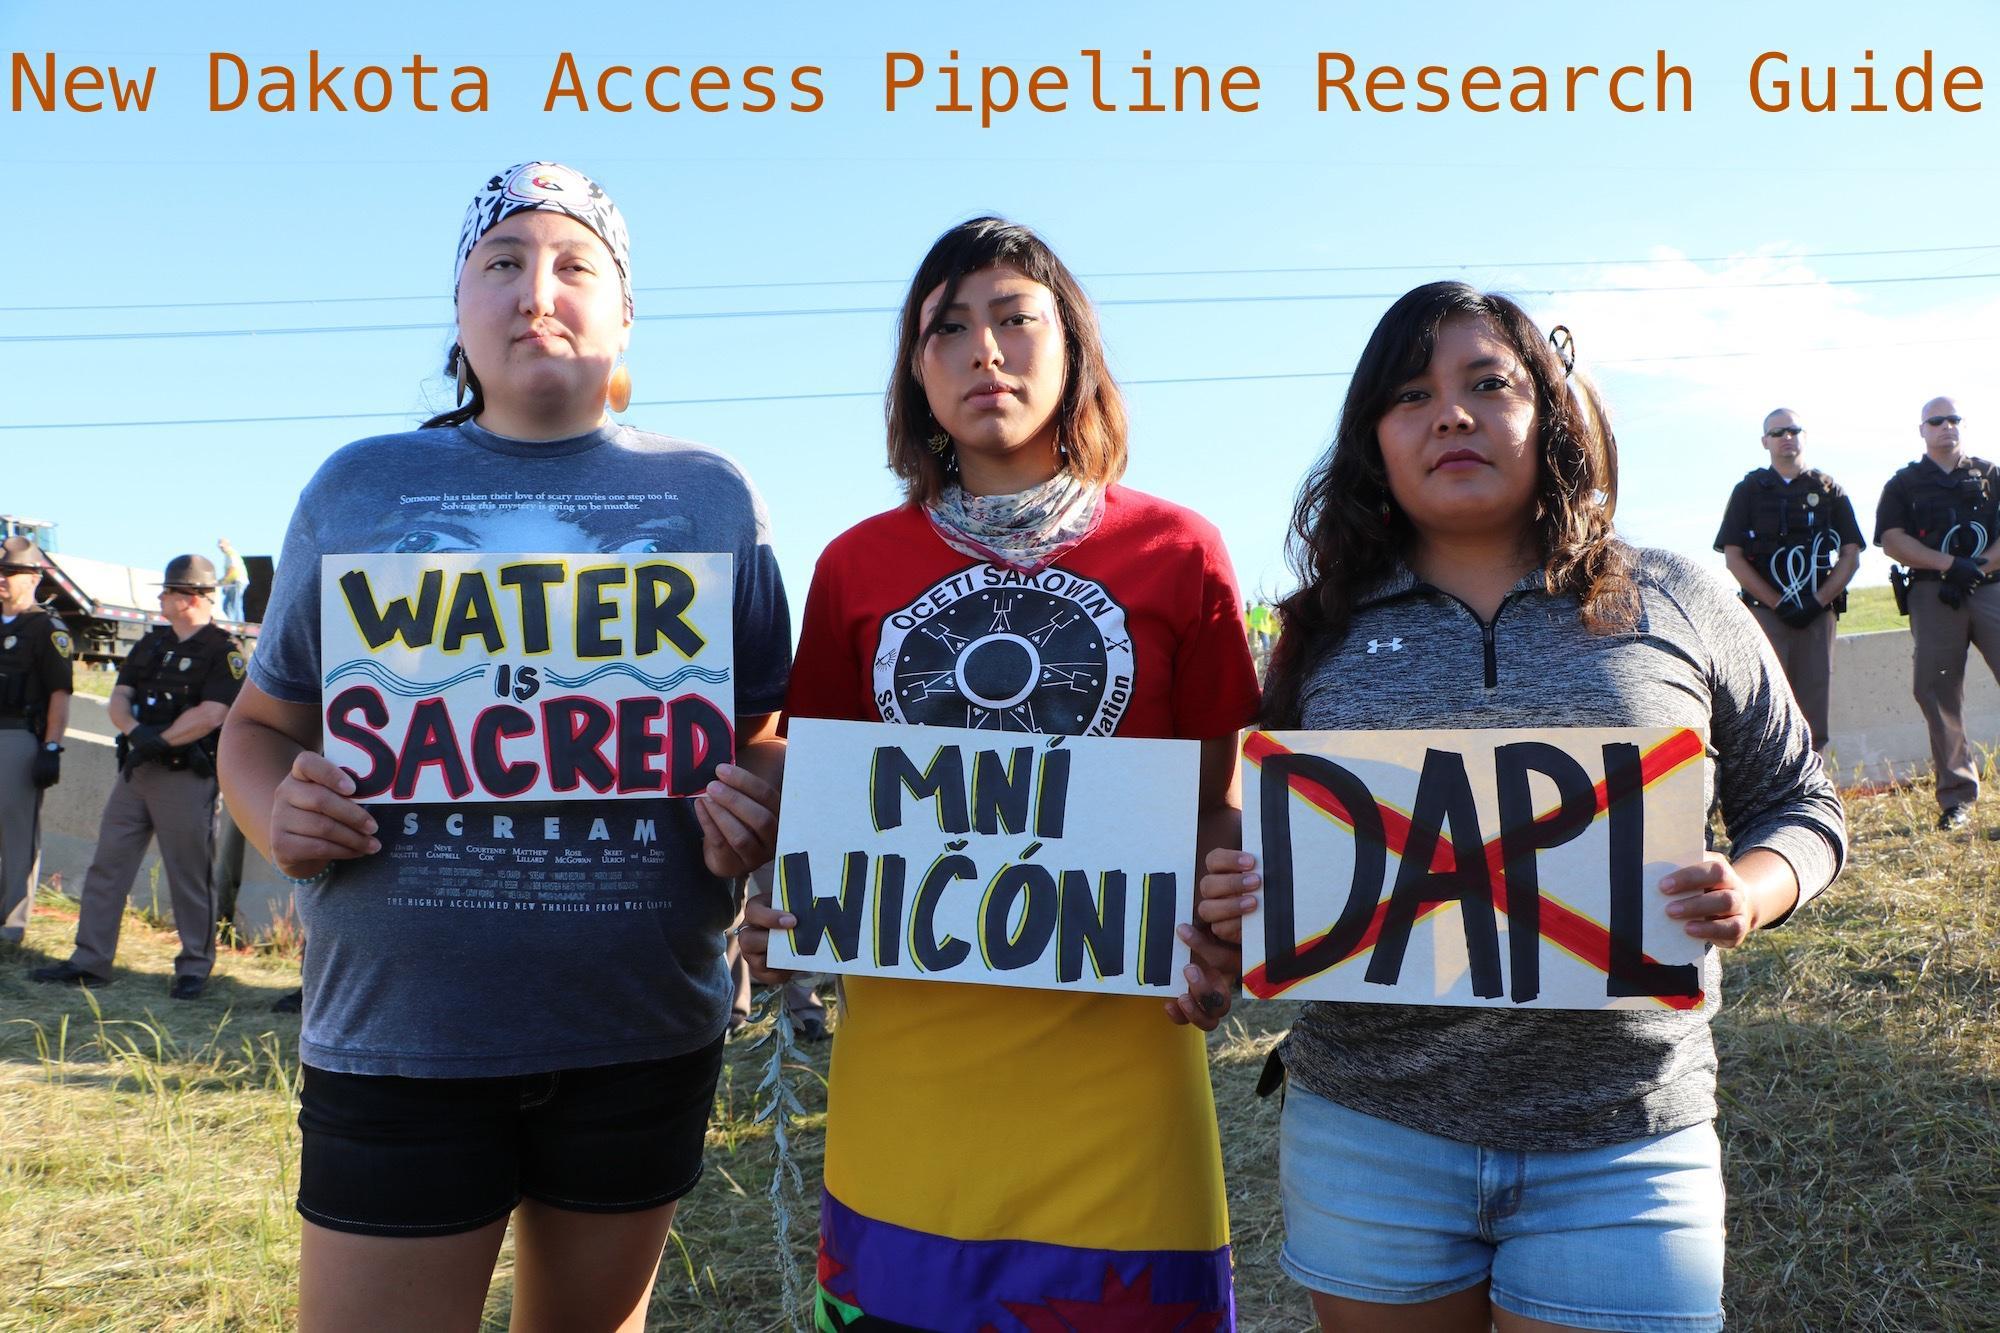 Dakota Access Pipeline Research Guide